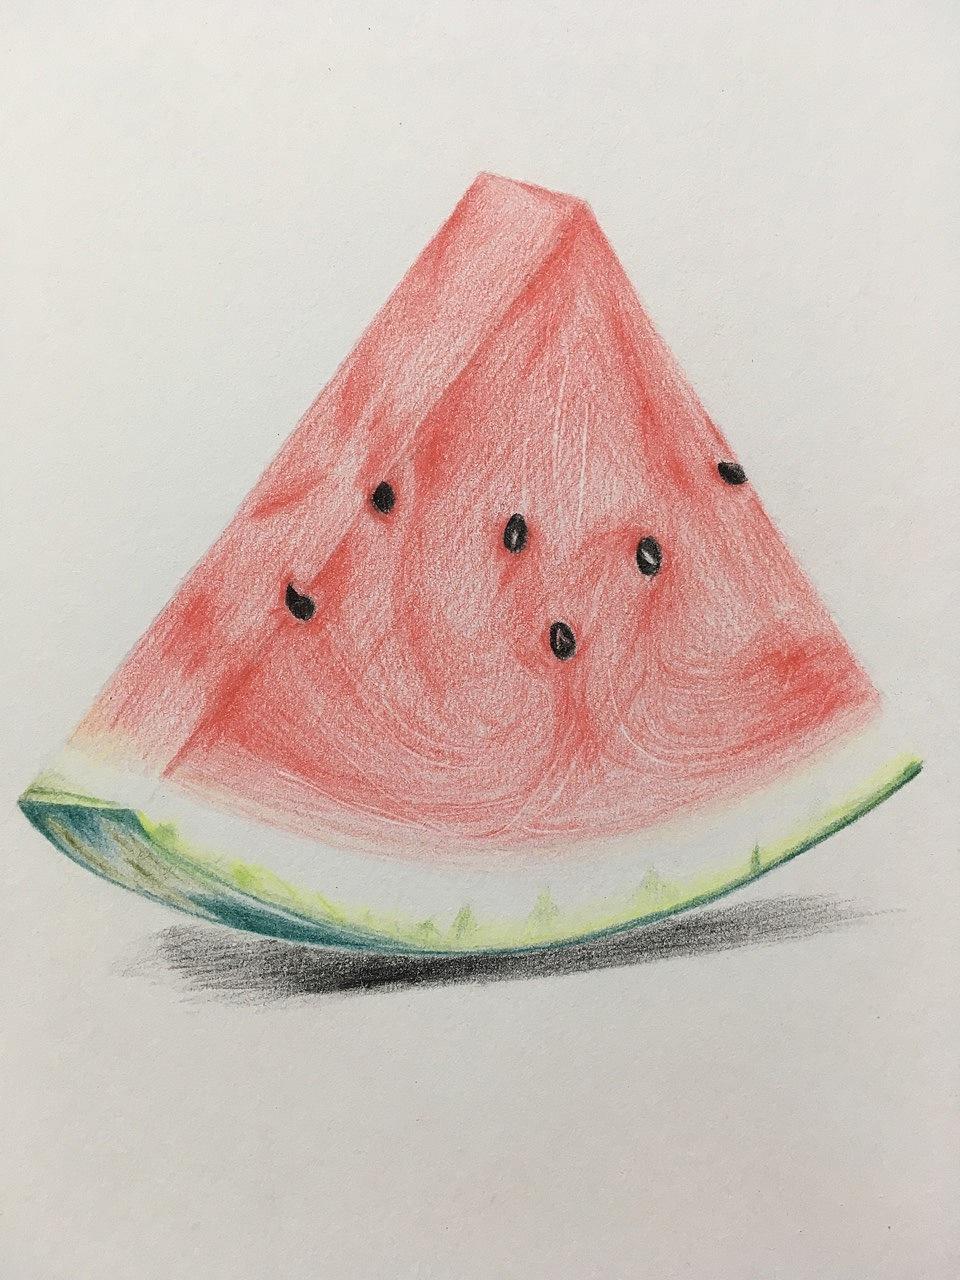 彩铅临摹,炎炎夏日,来一块清甜多汁的西瓜吧